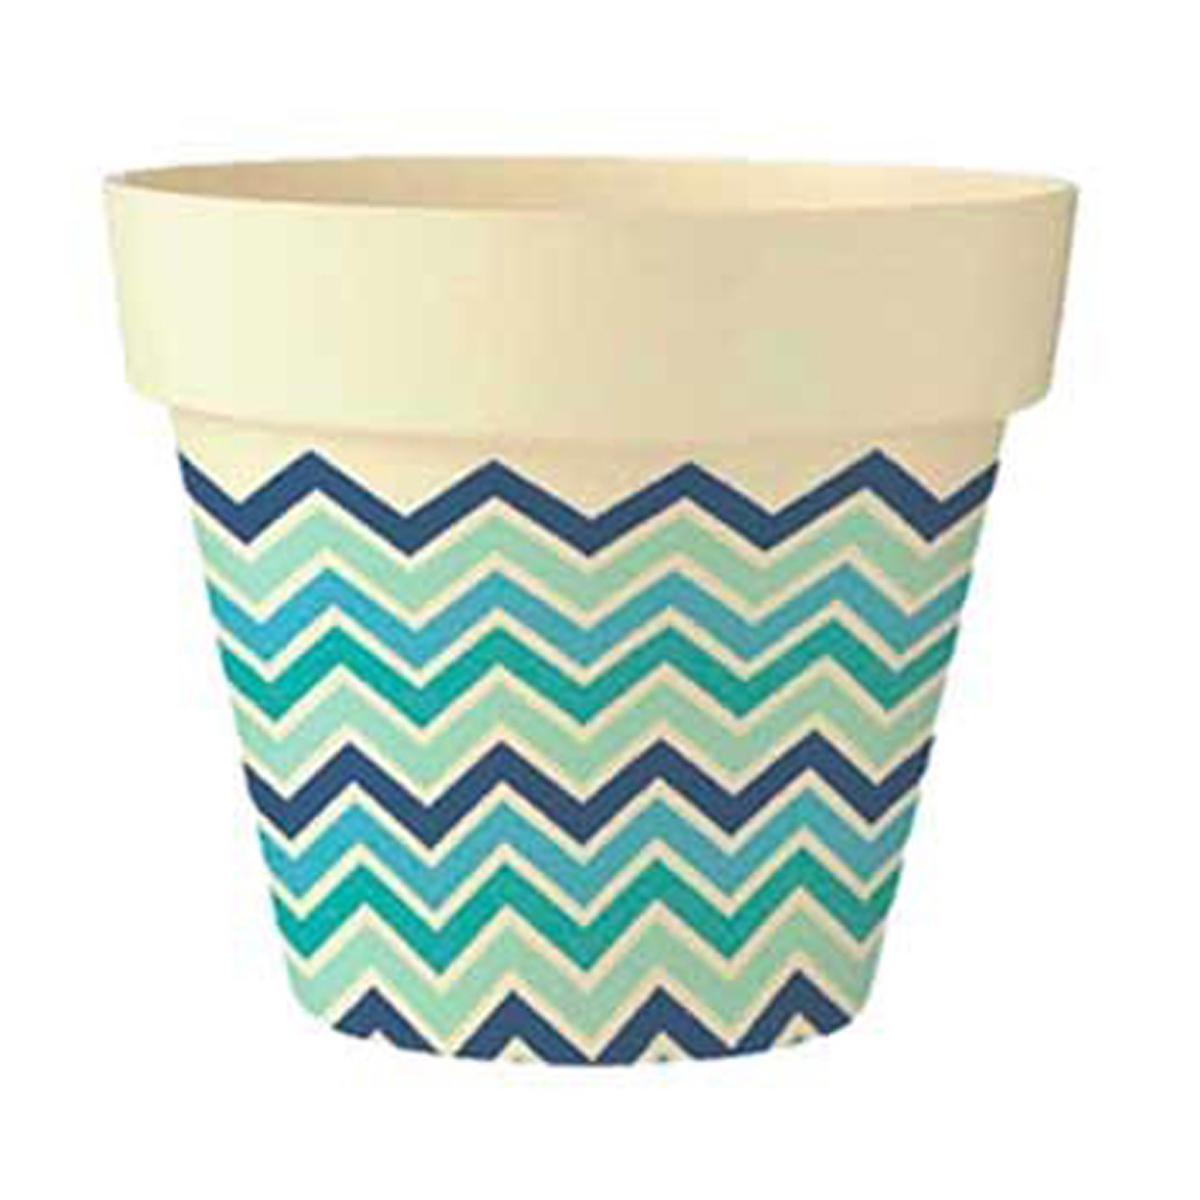 Cache-pot bambou \'Boho\' bleu vert beige -  105x95 cm - [Q6420]